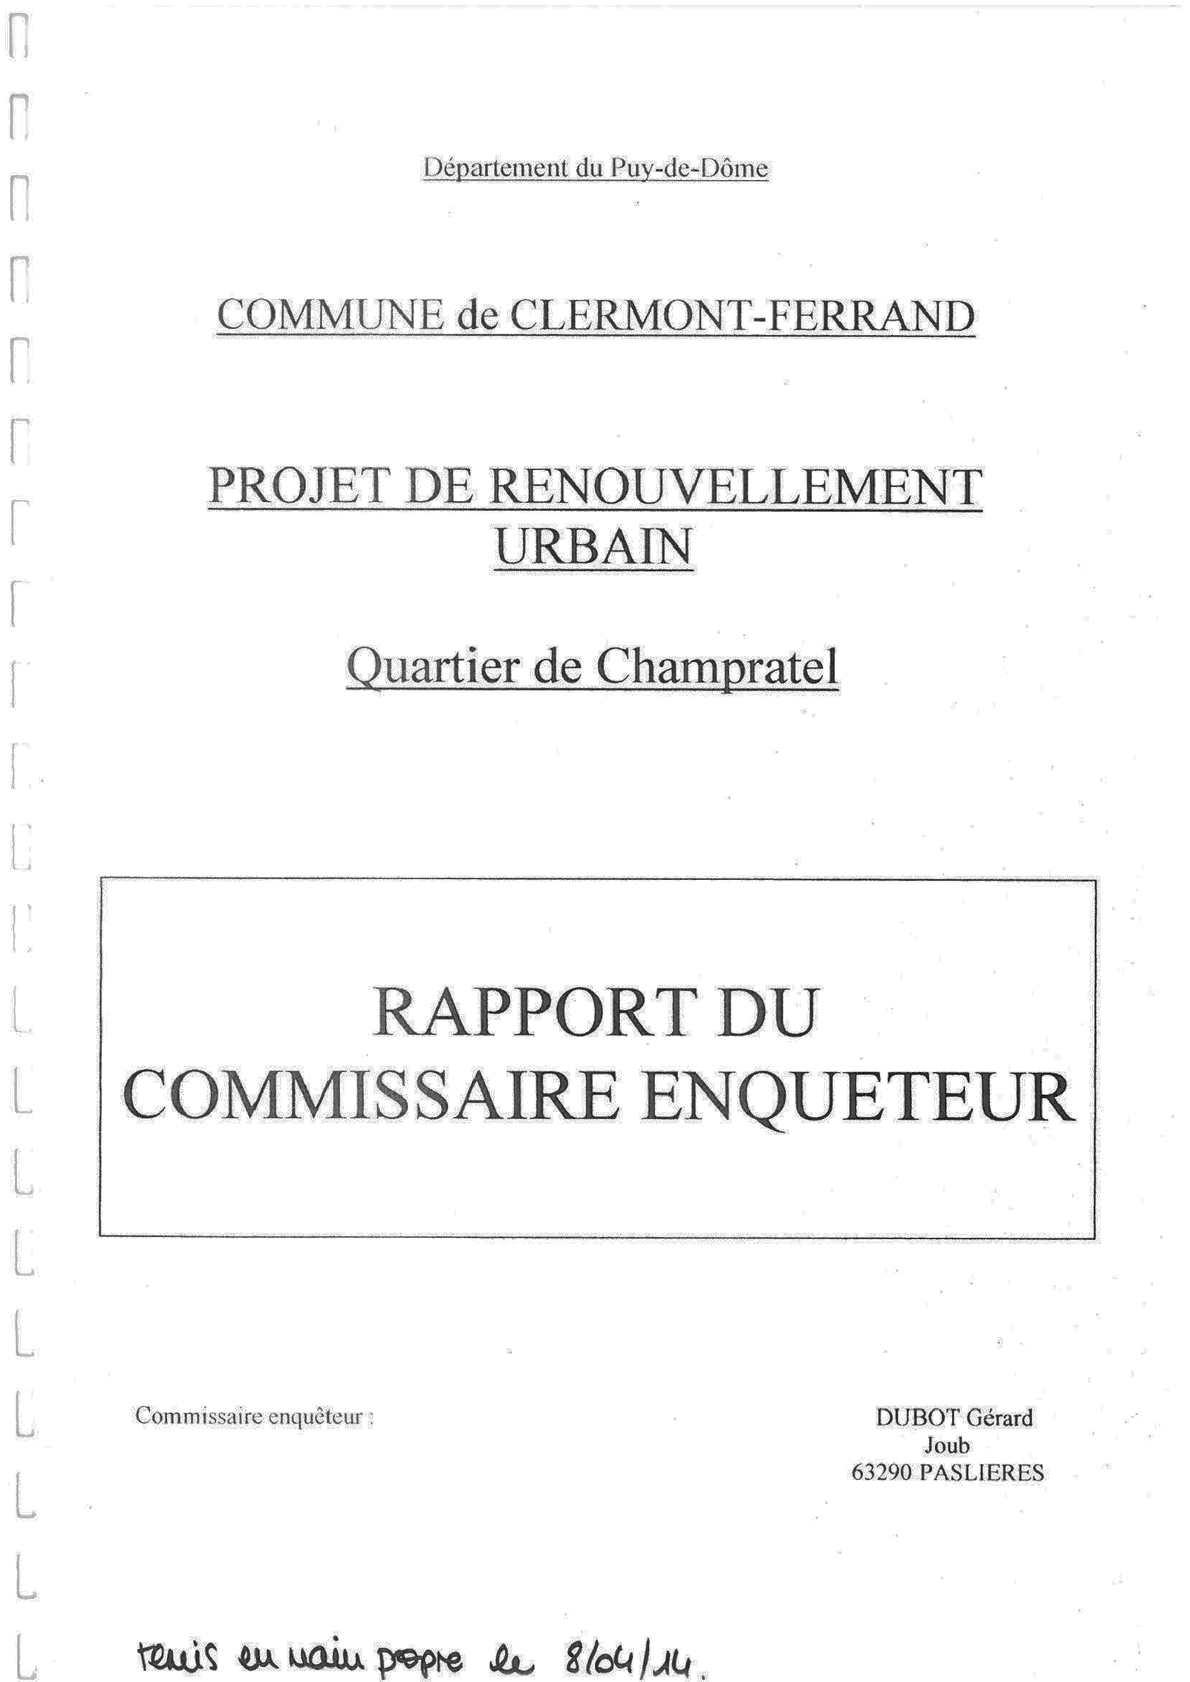 Projet de renouvellement urbain - Quartier de Champratel - Rapport du commissaire enquêteur